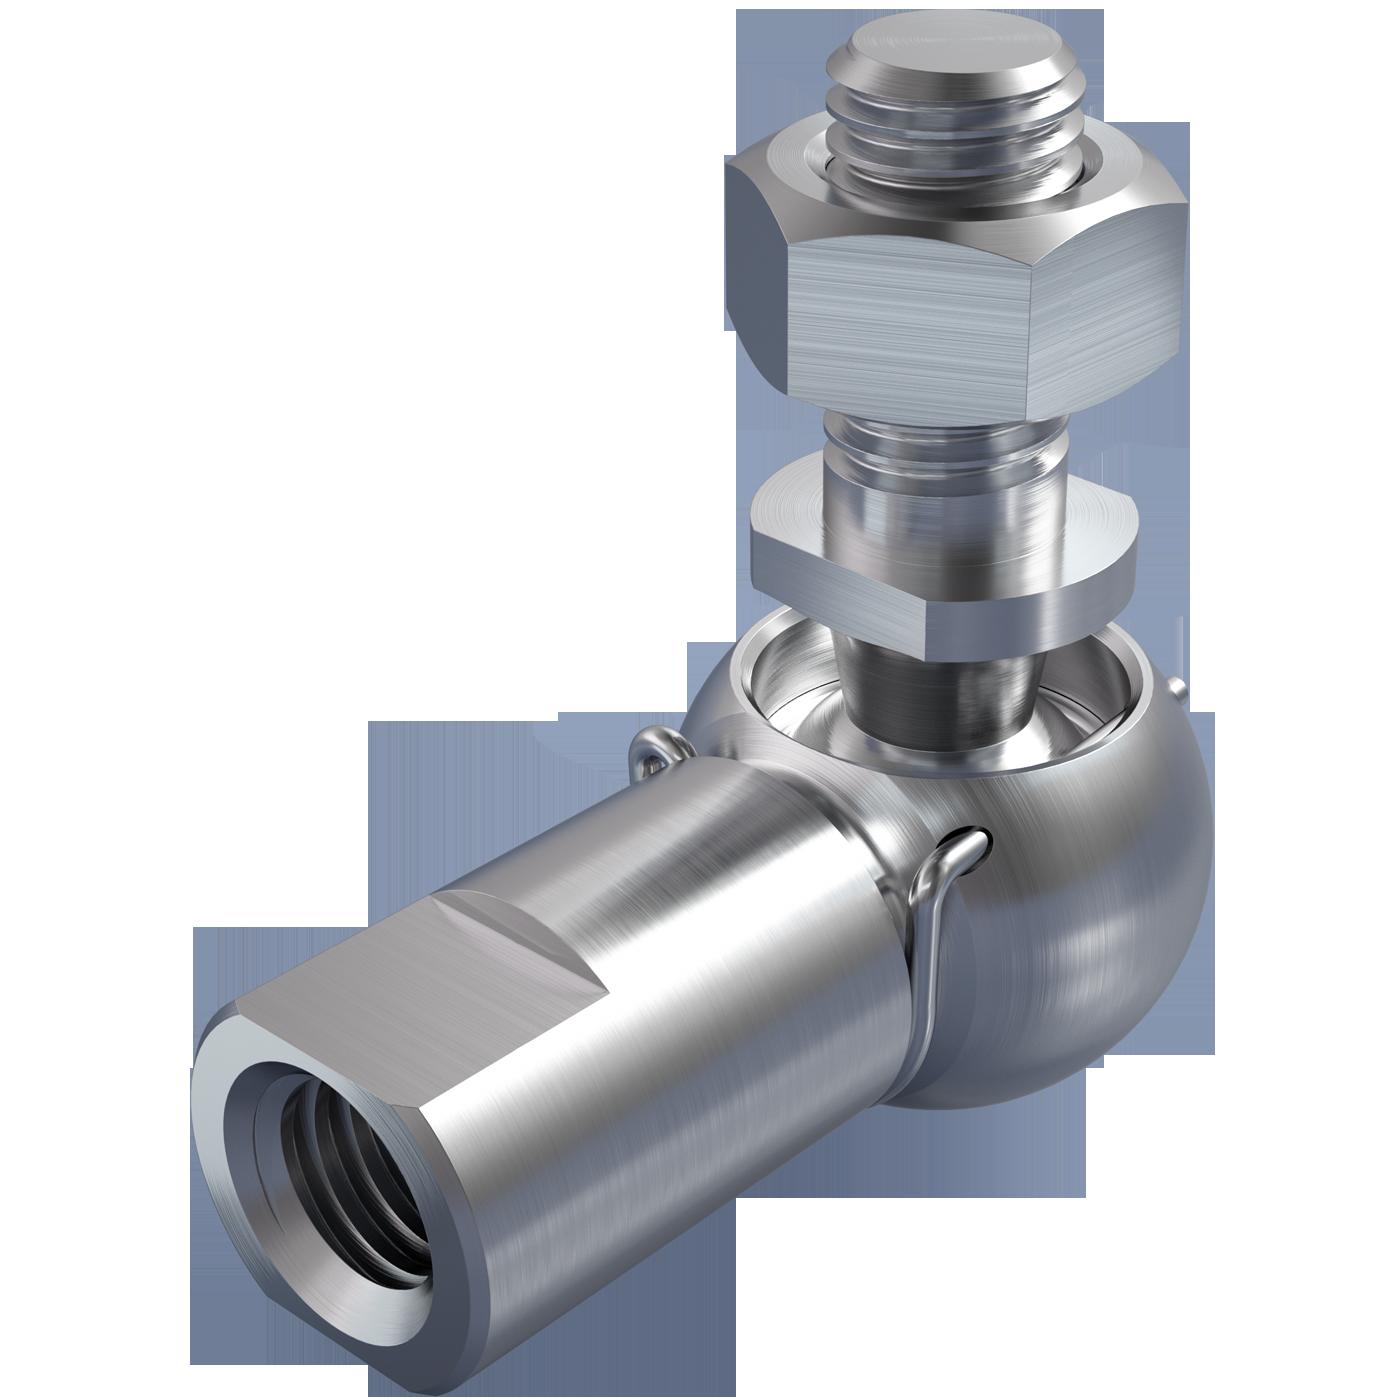 mbo Oßwald ist Winkelgelenk Hersteller, Winkelgelenke Hersteller, ähnlich DIN 71802 Form CS, mit Gewindezapfen und Schlüsselfläche an der Pfanne. Folgende Materialien stehen zur Auswahl: Stahl oder Edelstahl 1.4305, bzw. Edelstahl 1.4404, A4 Qualität.